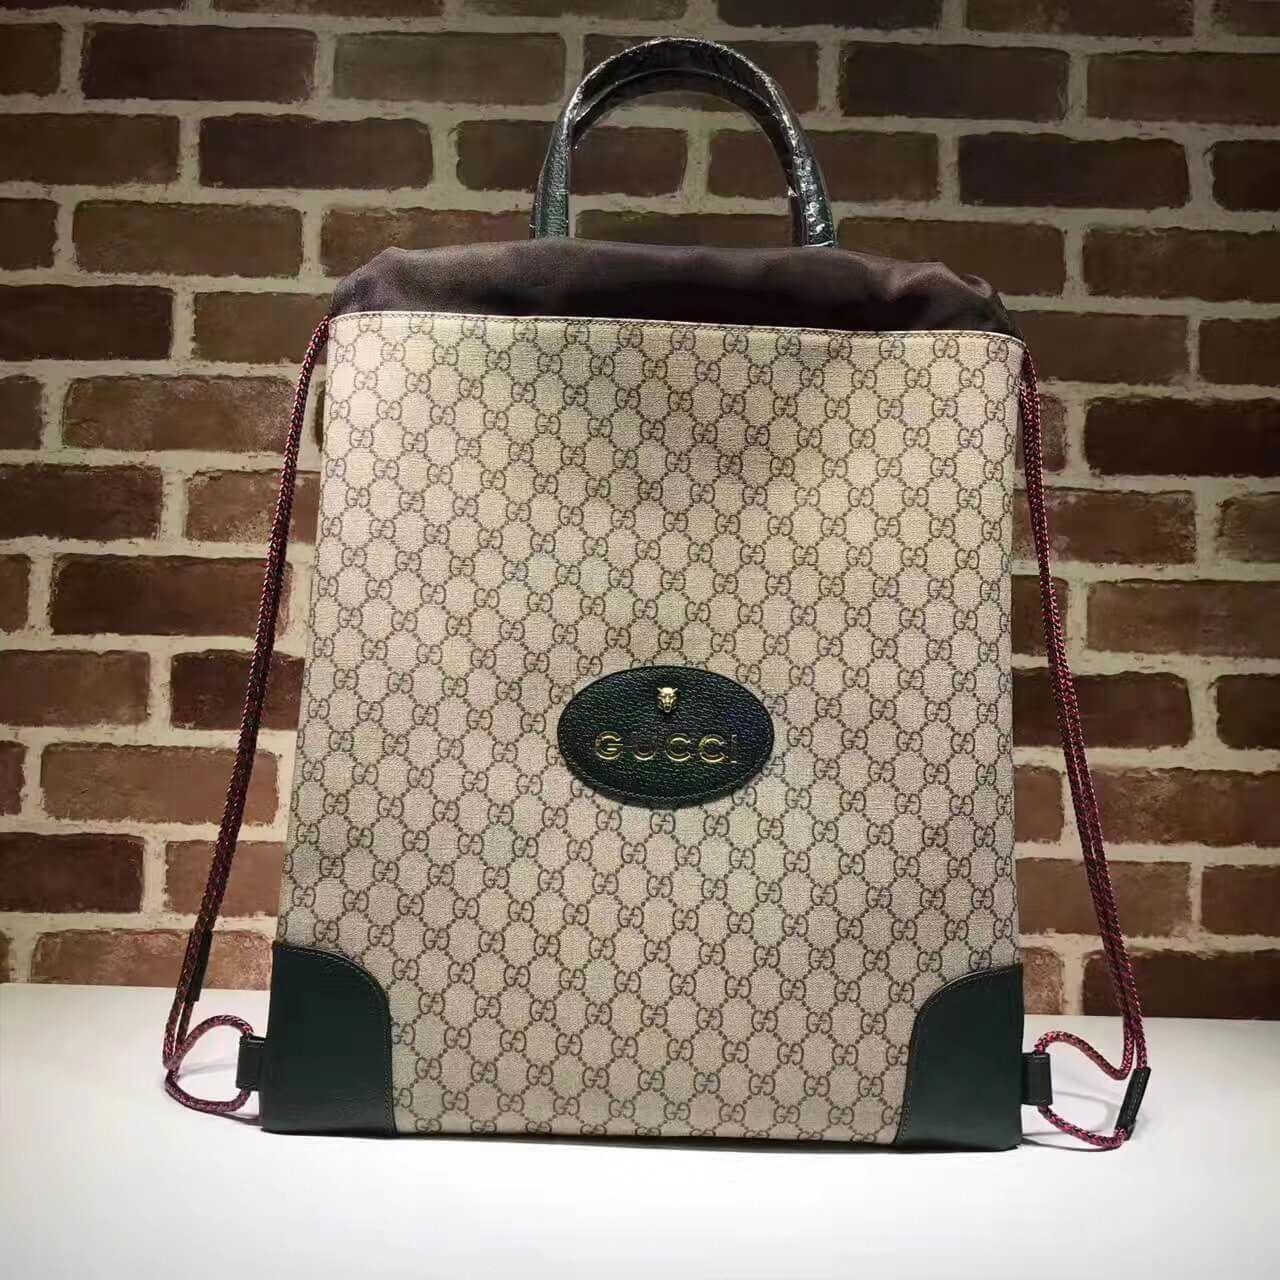 16c450182cfd Gucci 473872 GG Supreme Drawstring Backpack Green 2017  Guccihandbags